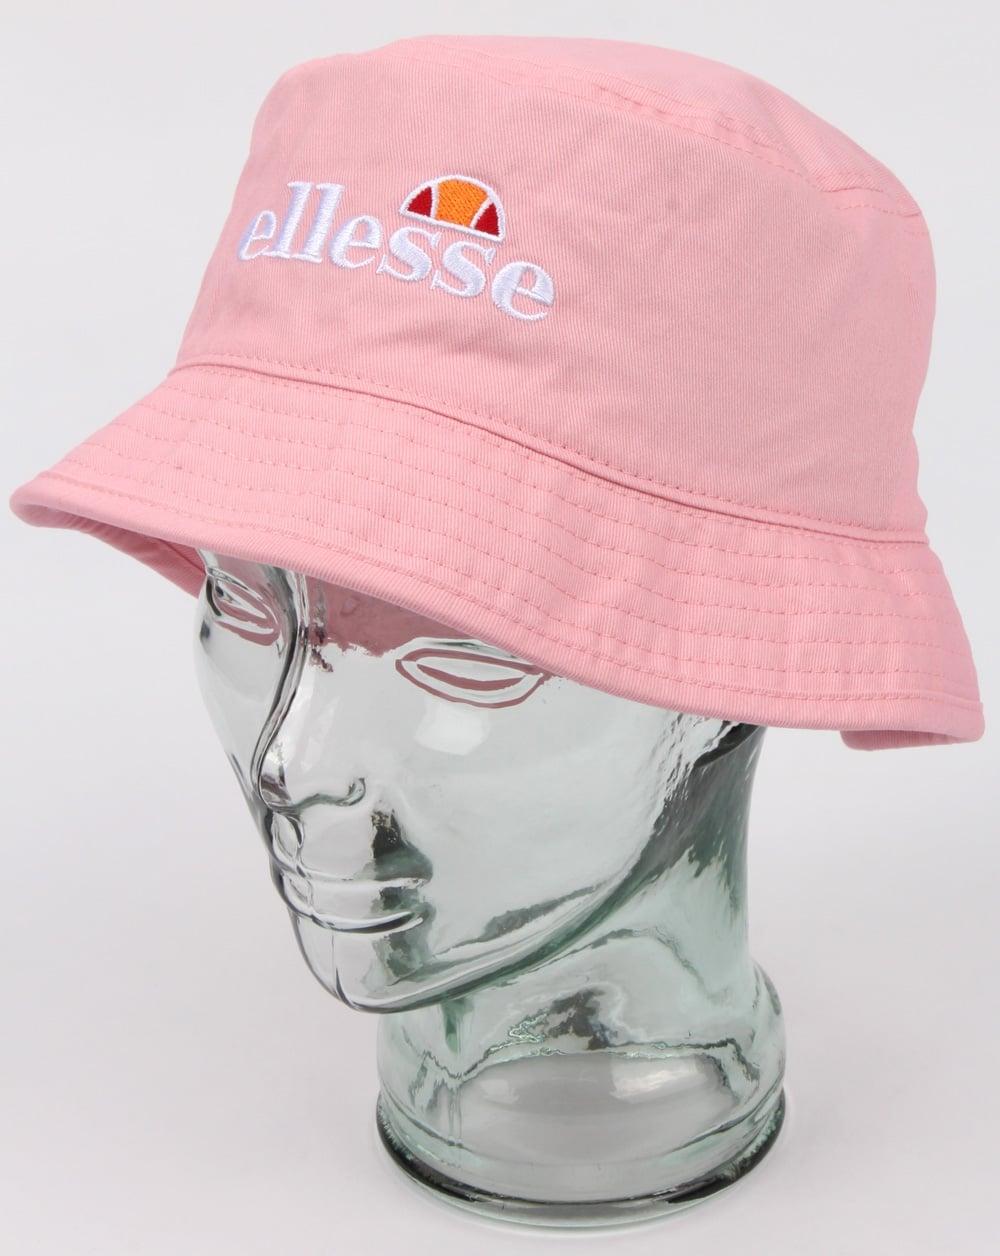 89a782aa75 Ellesse Binno Bucket Hat Pink